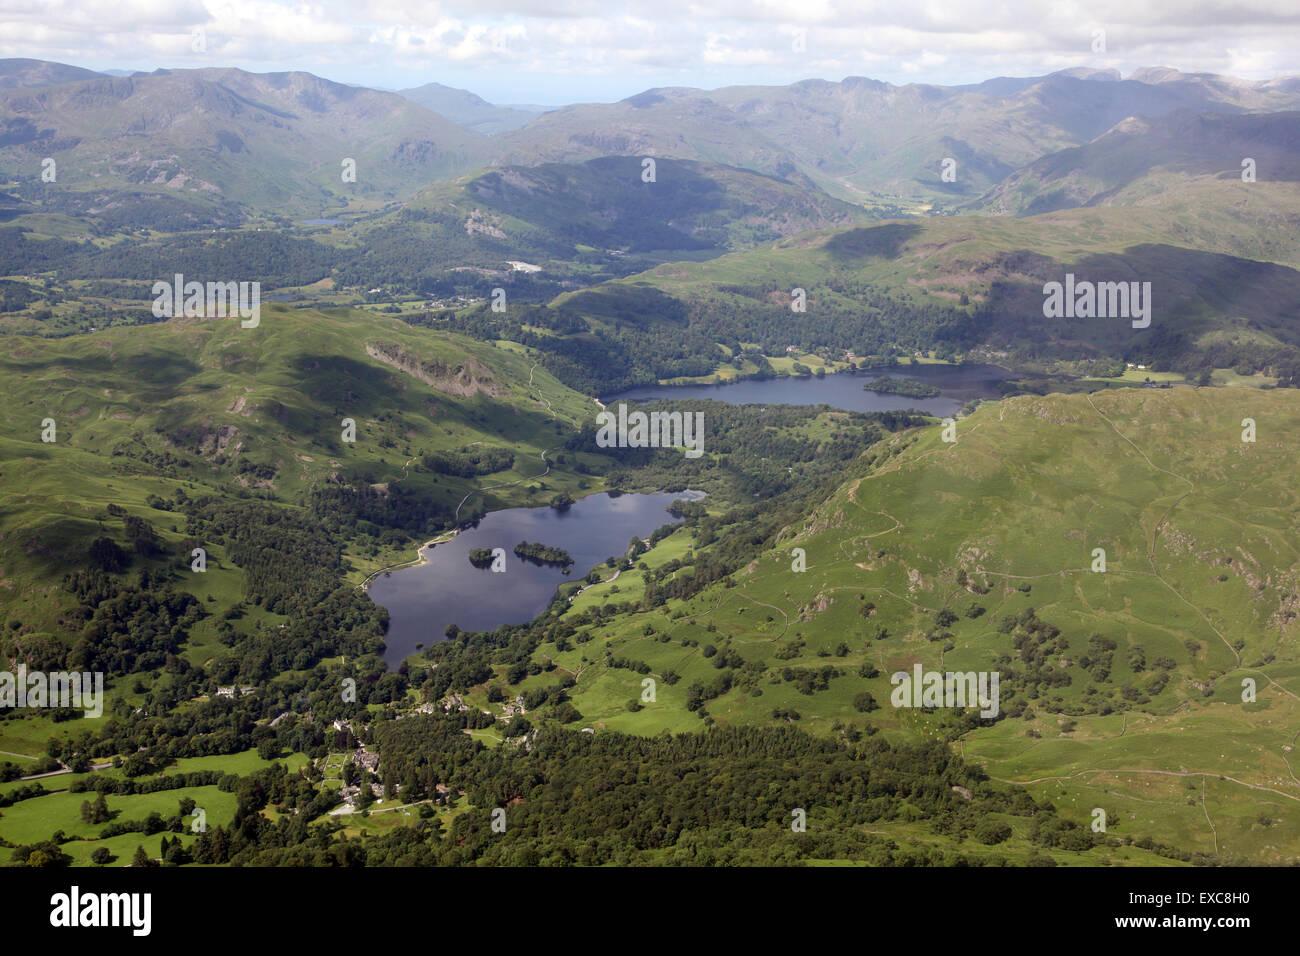 Vue aérienne de Rydal Water & Grasmere dans le Lake District, Cumbria, Royaume-Uni Banque D'Images